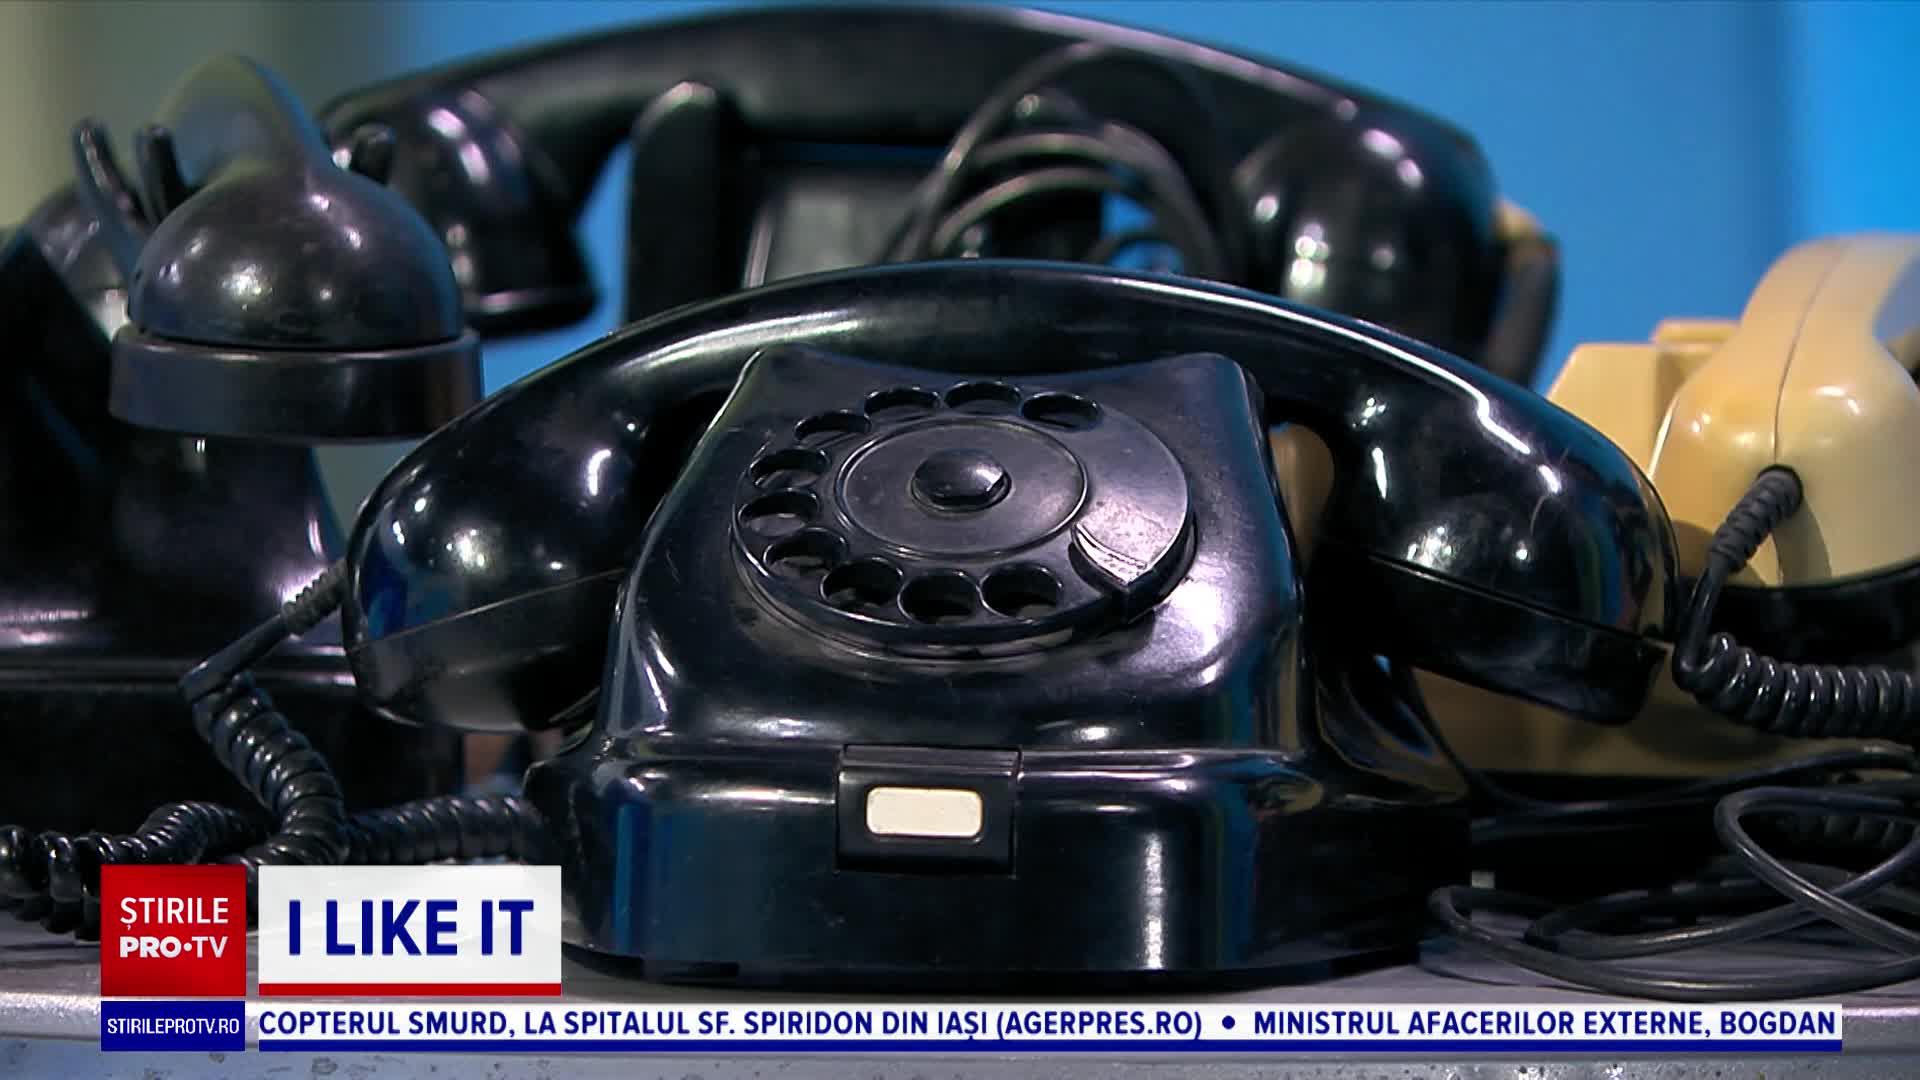 iLikeIT. Ce dispozitive au fost utilizate la primele convorbiri telefonice și transmisiuni radio